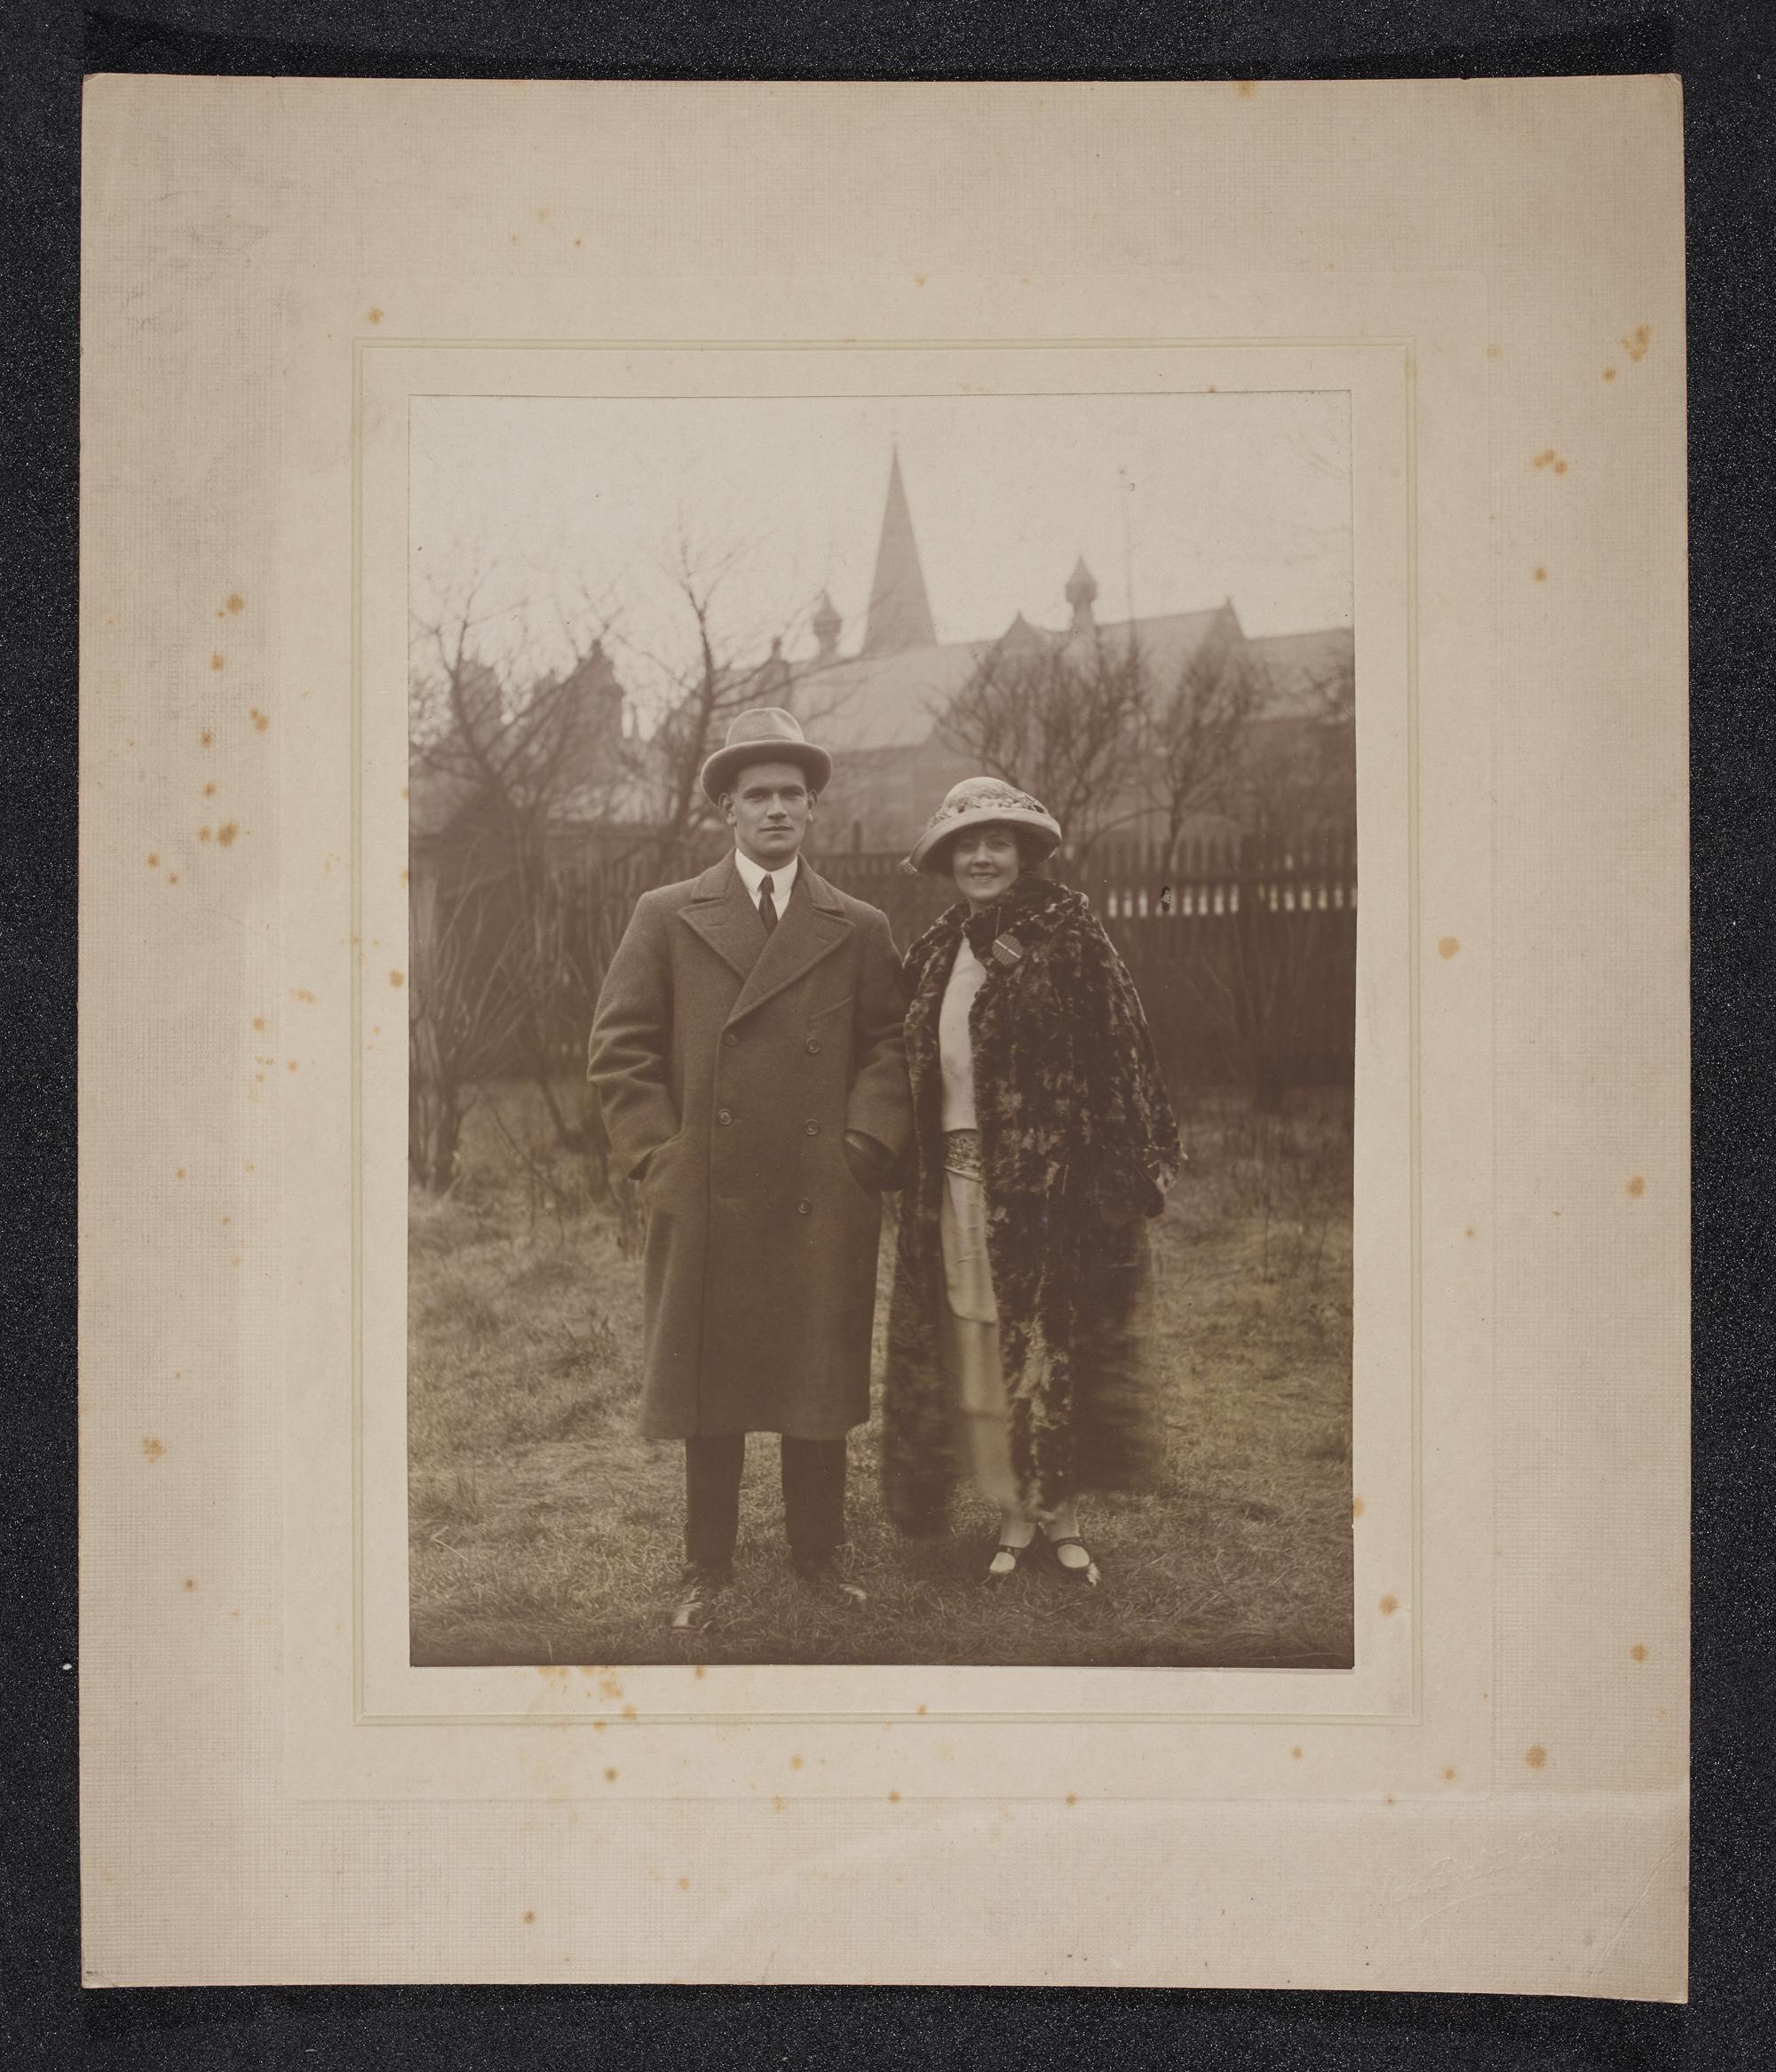 Sean O'D. & K. Boland 1923